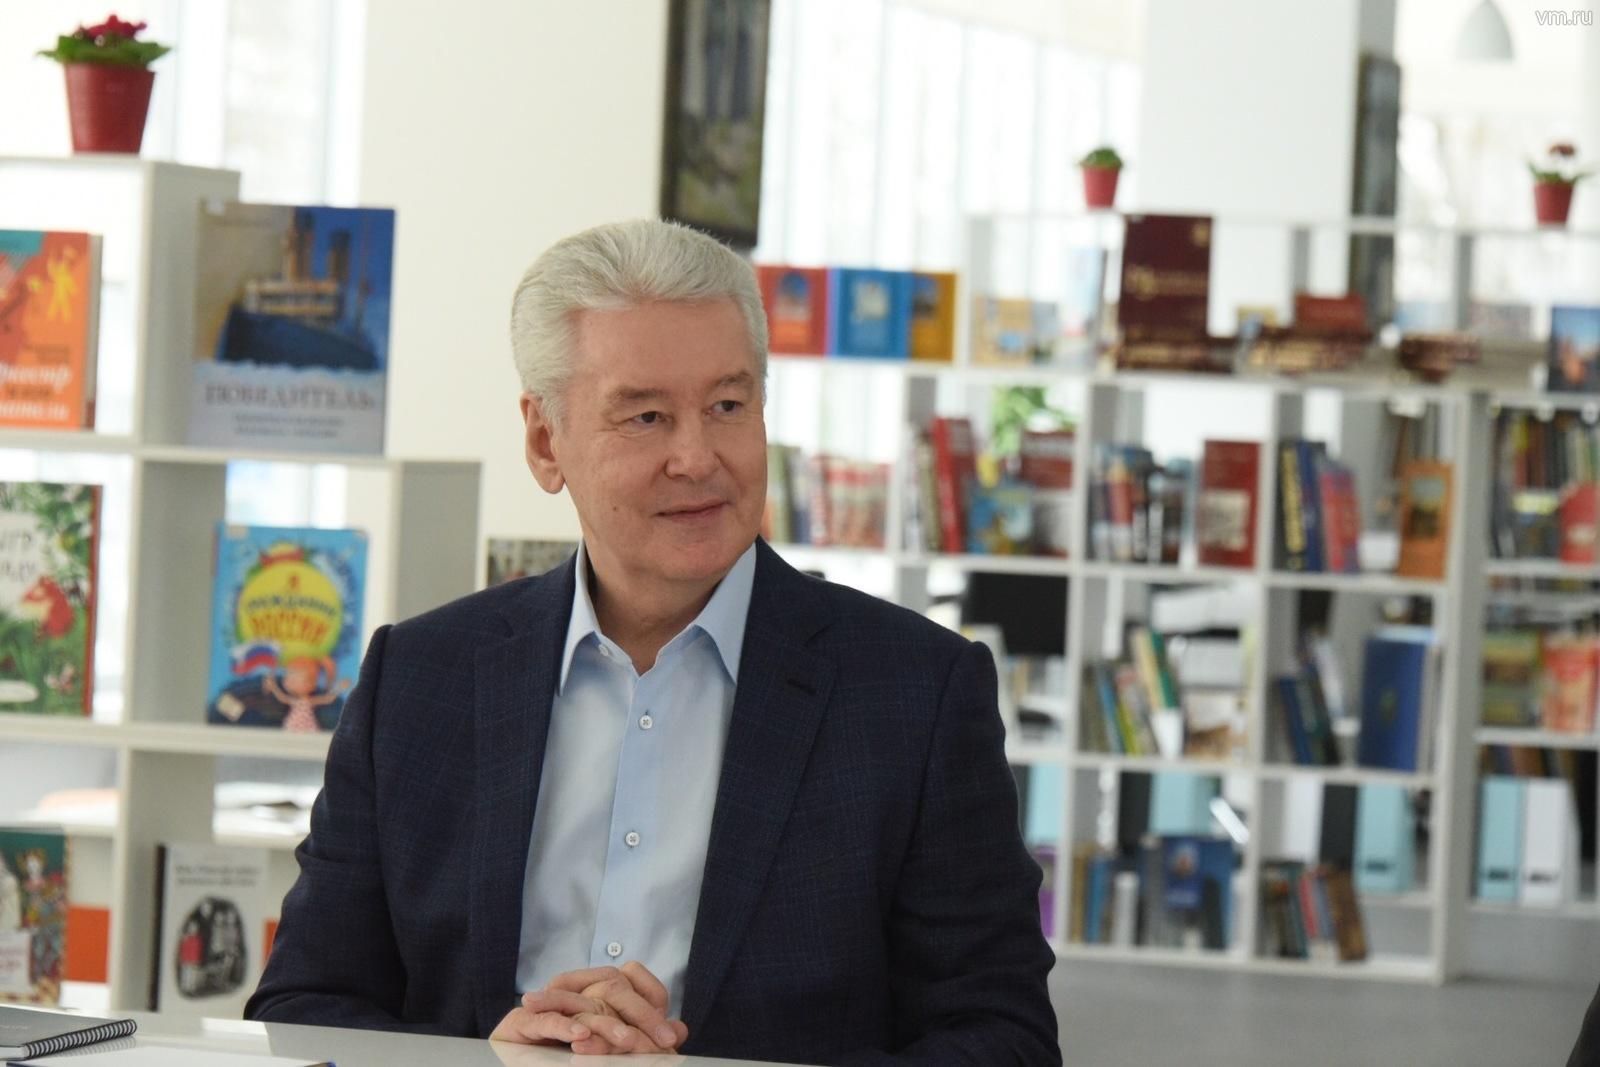 Москвичи смогут использовать единый читательский билет в библиотеках Москвы. Фото: Владимир Новиков, «Вечерняя Москва»